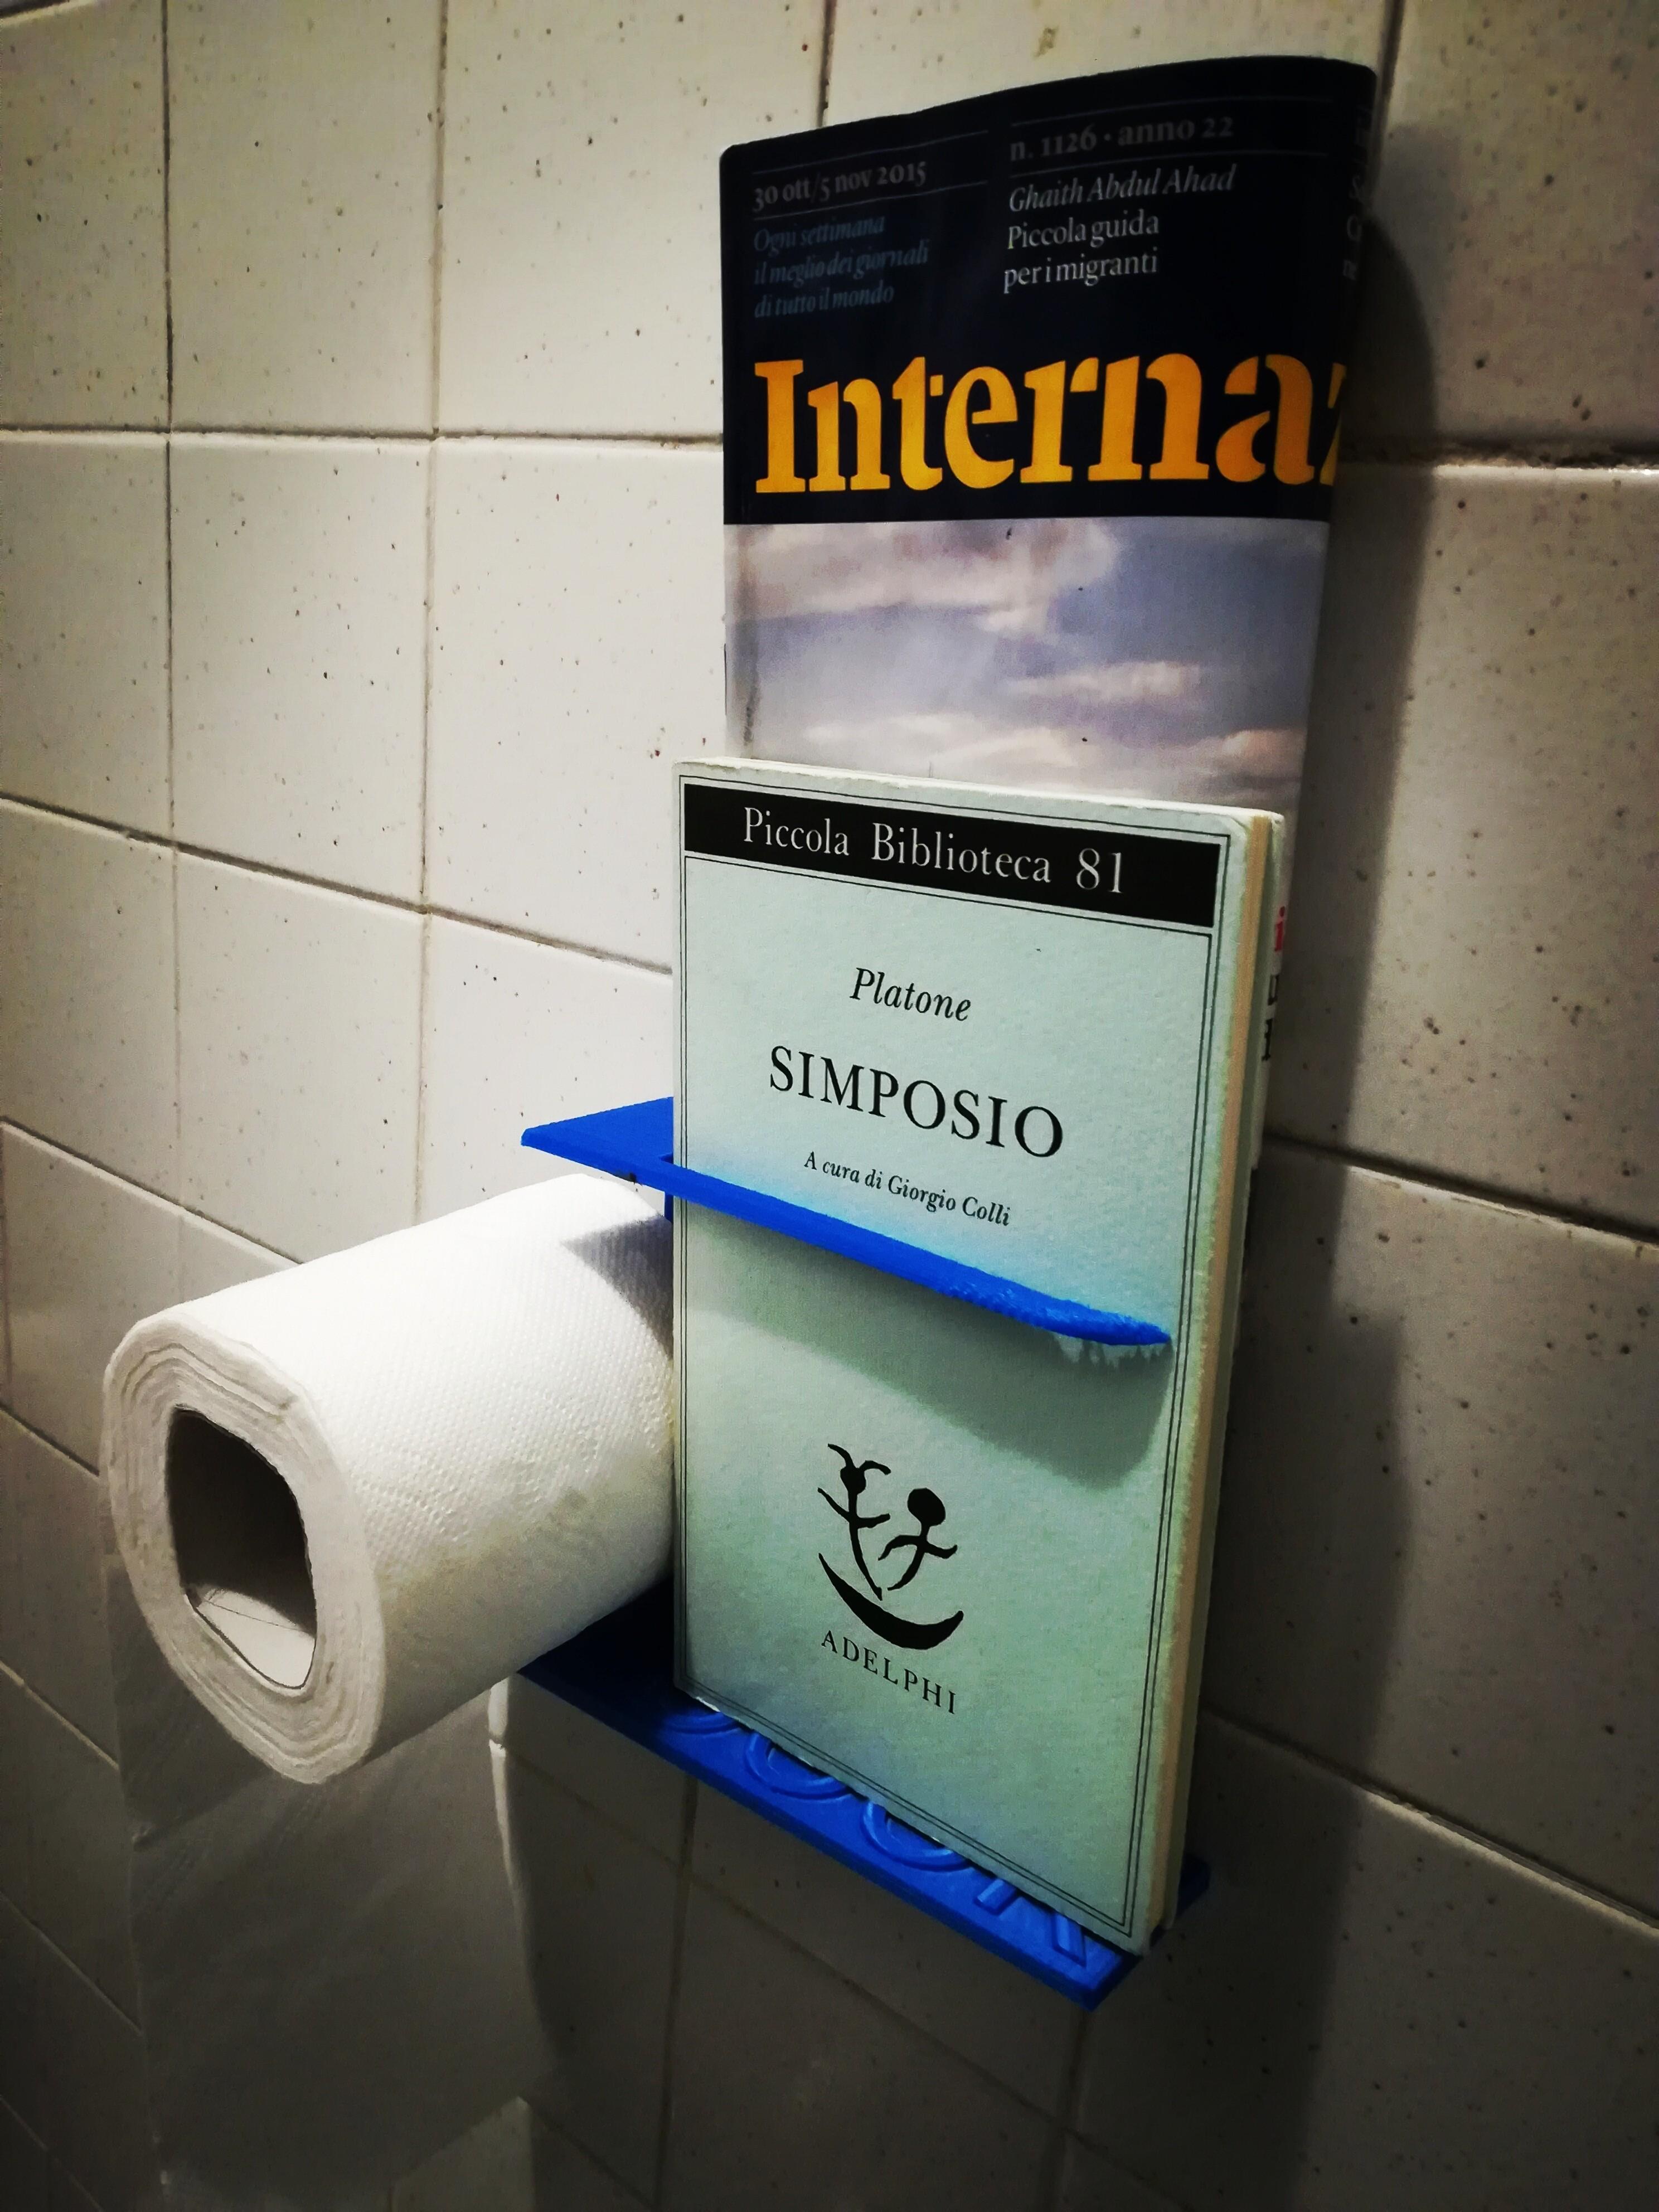 IMG_20171123_150545.jpg Télécharger fichier STL gratuit Papier toilette et porte-livre • Objet pour imprimante 3D, Alighieri